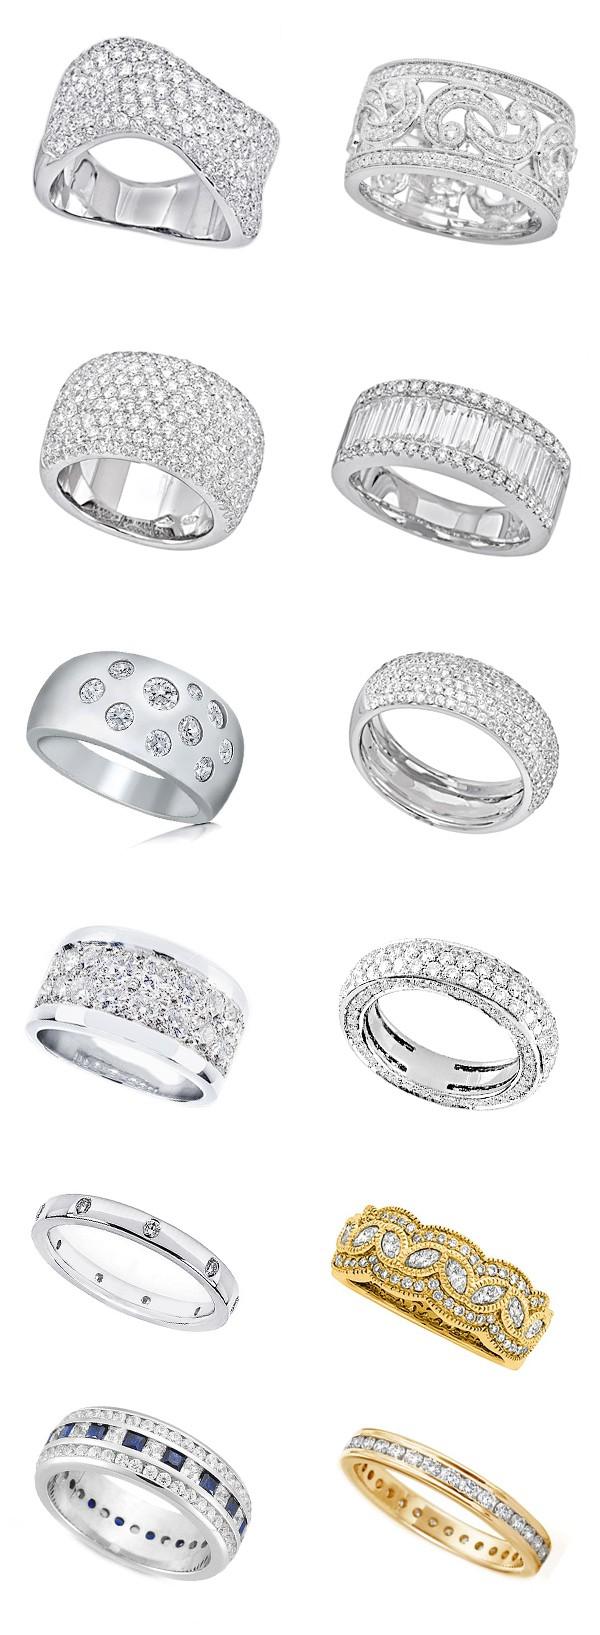 La Jolla Engagement Rings - La Jolla Engagement Rings